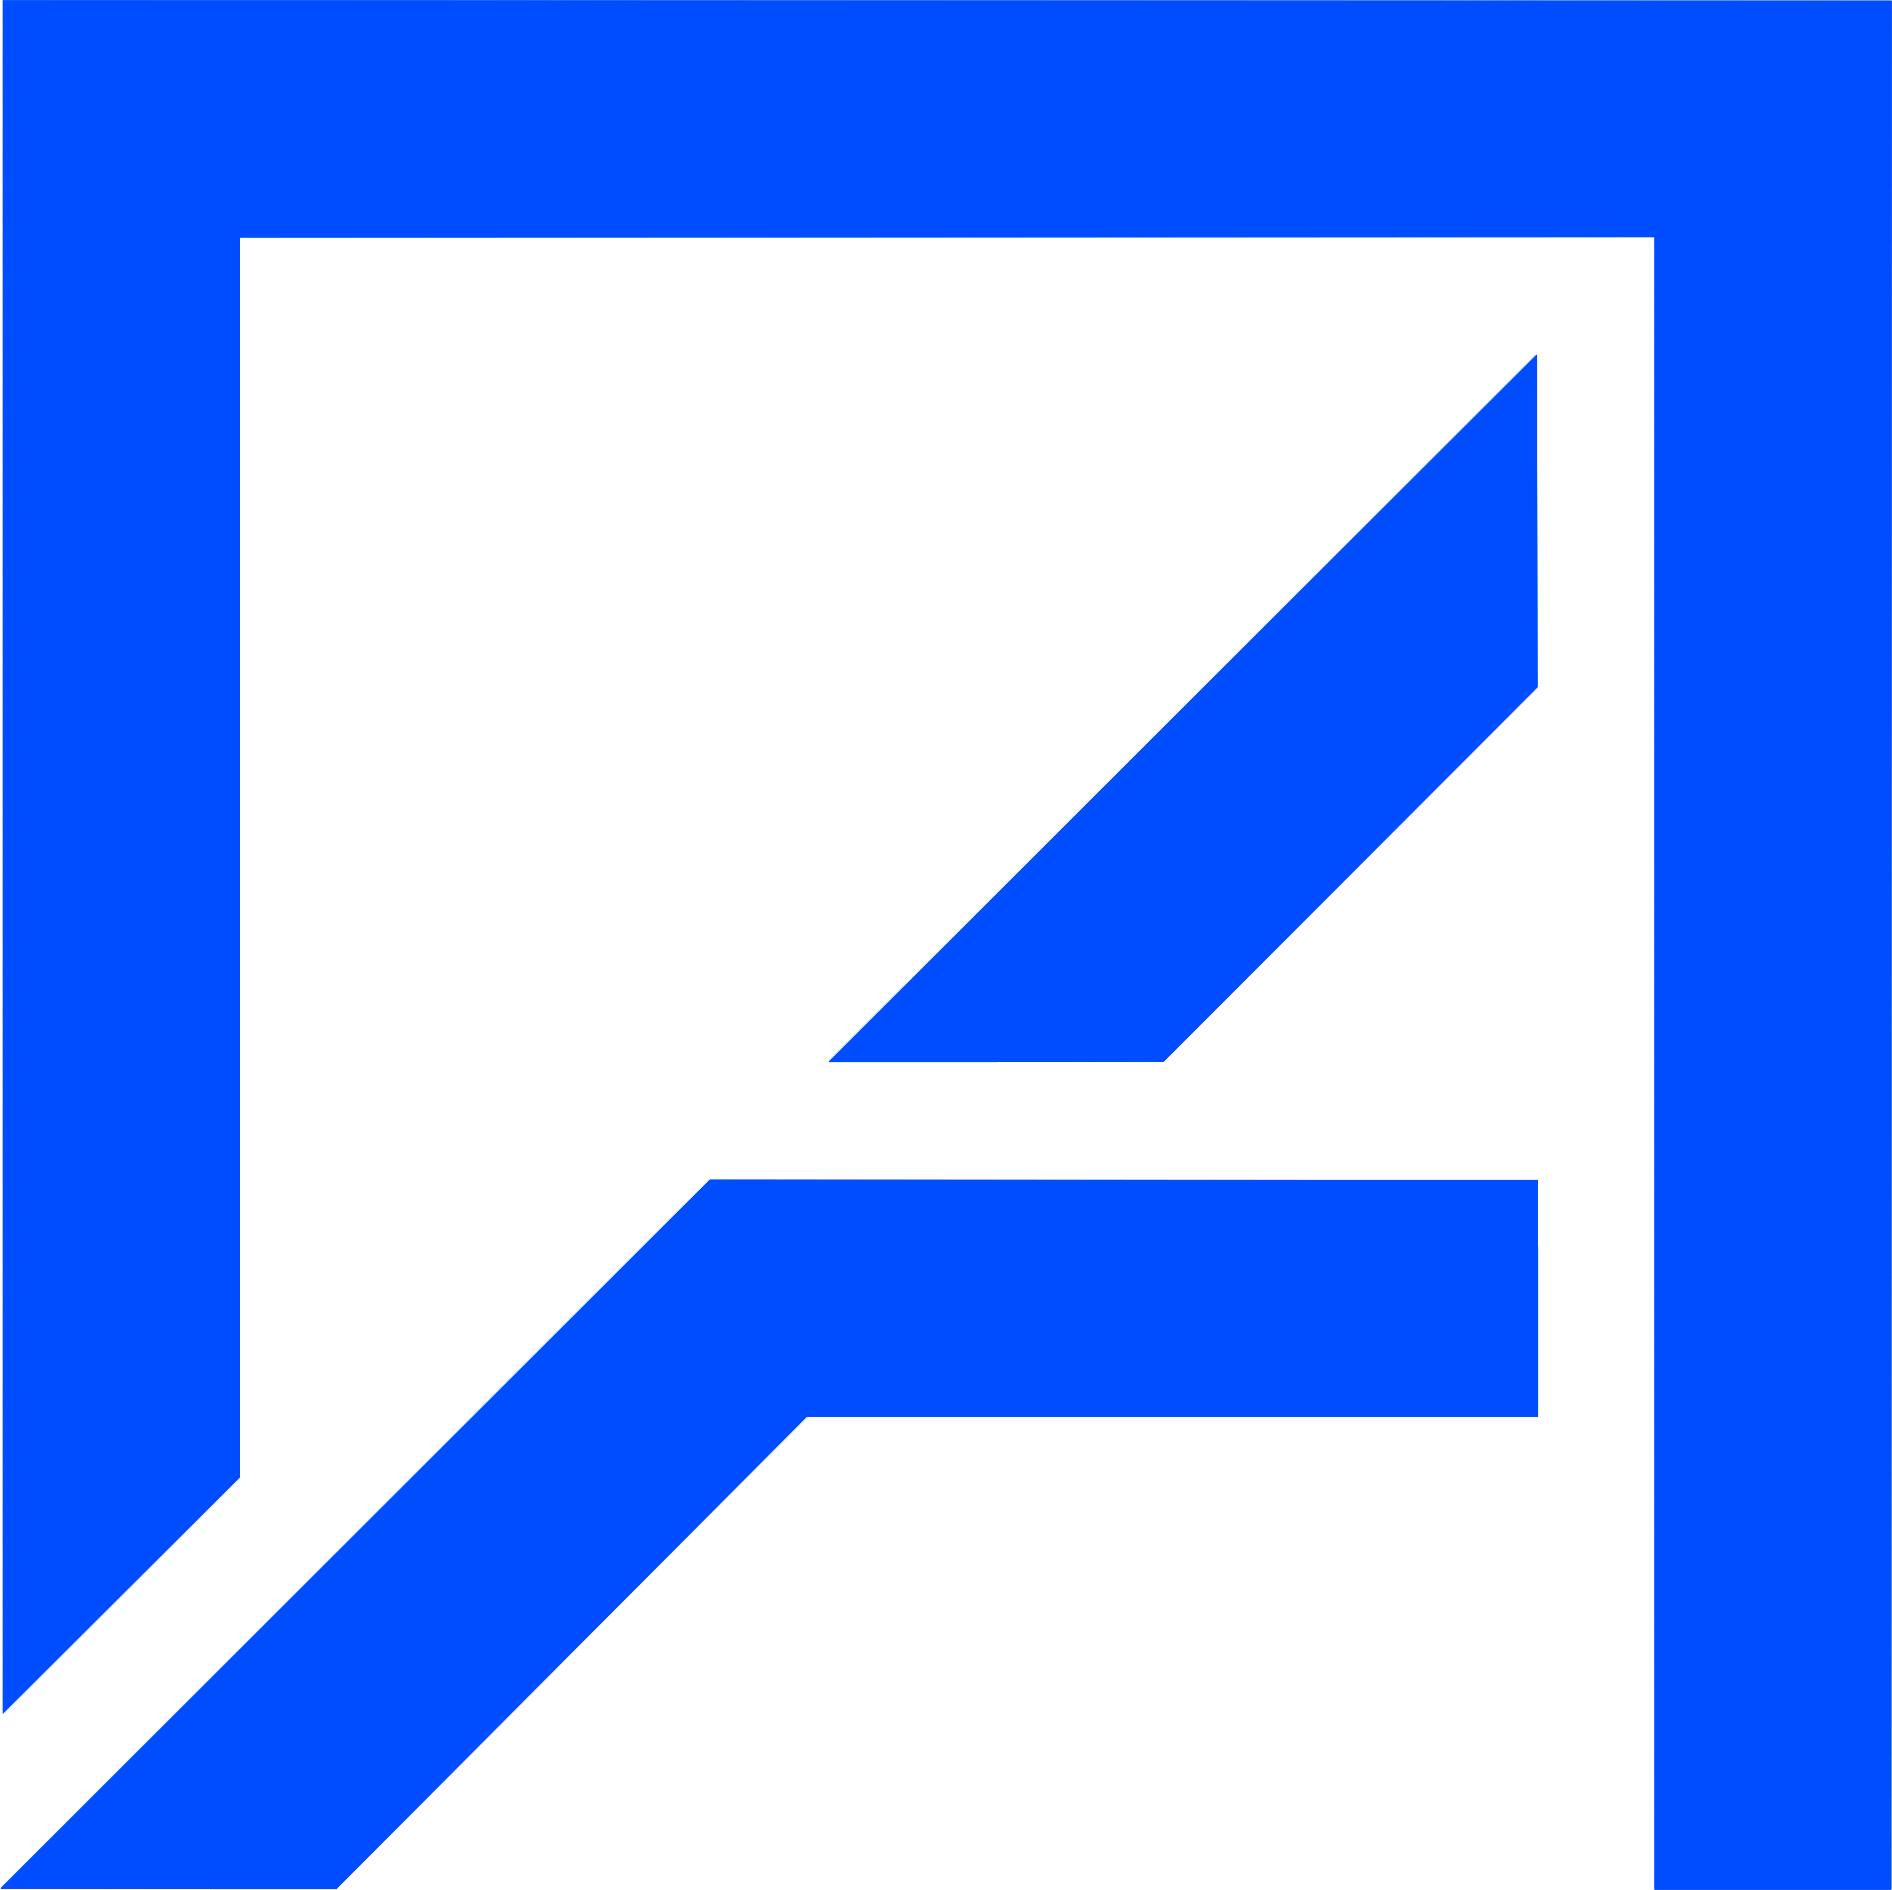 aknw-logo